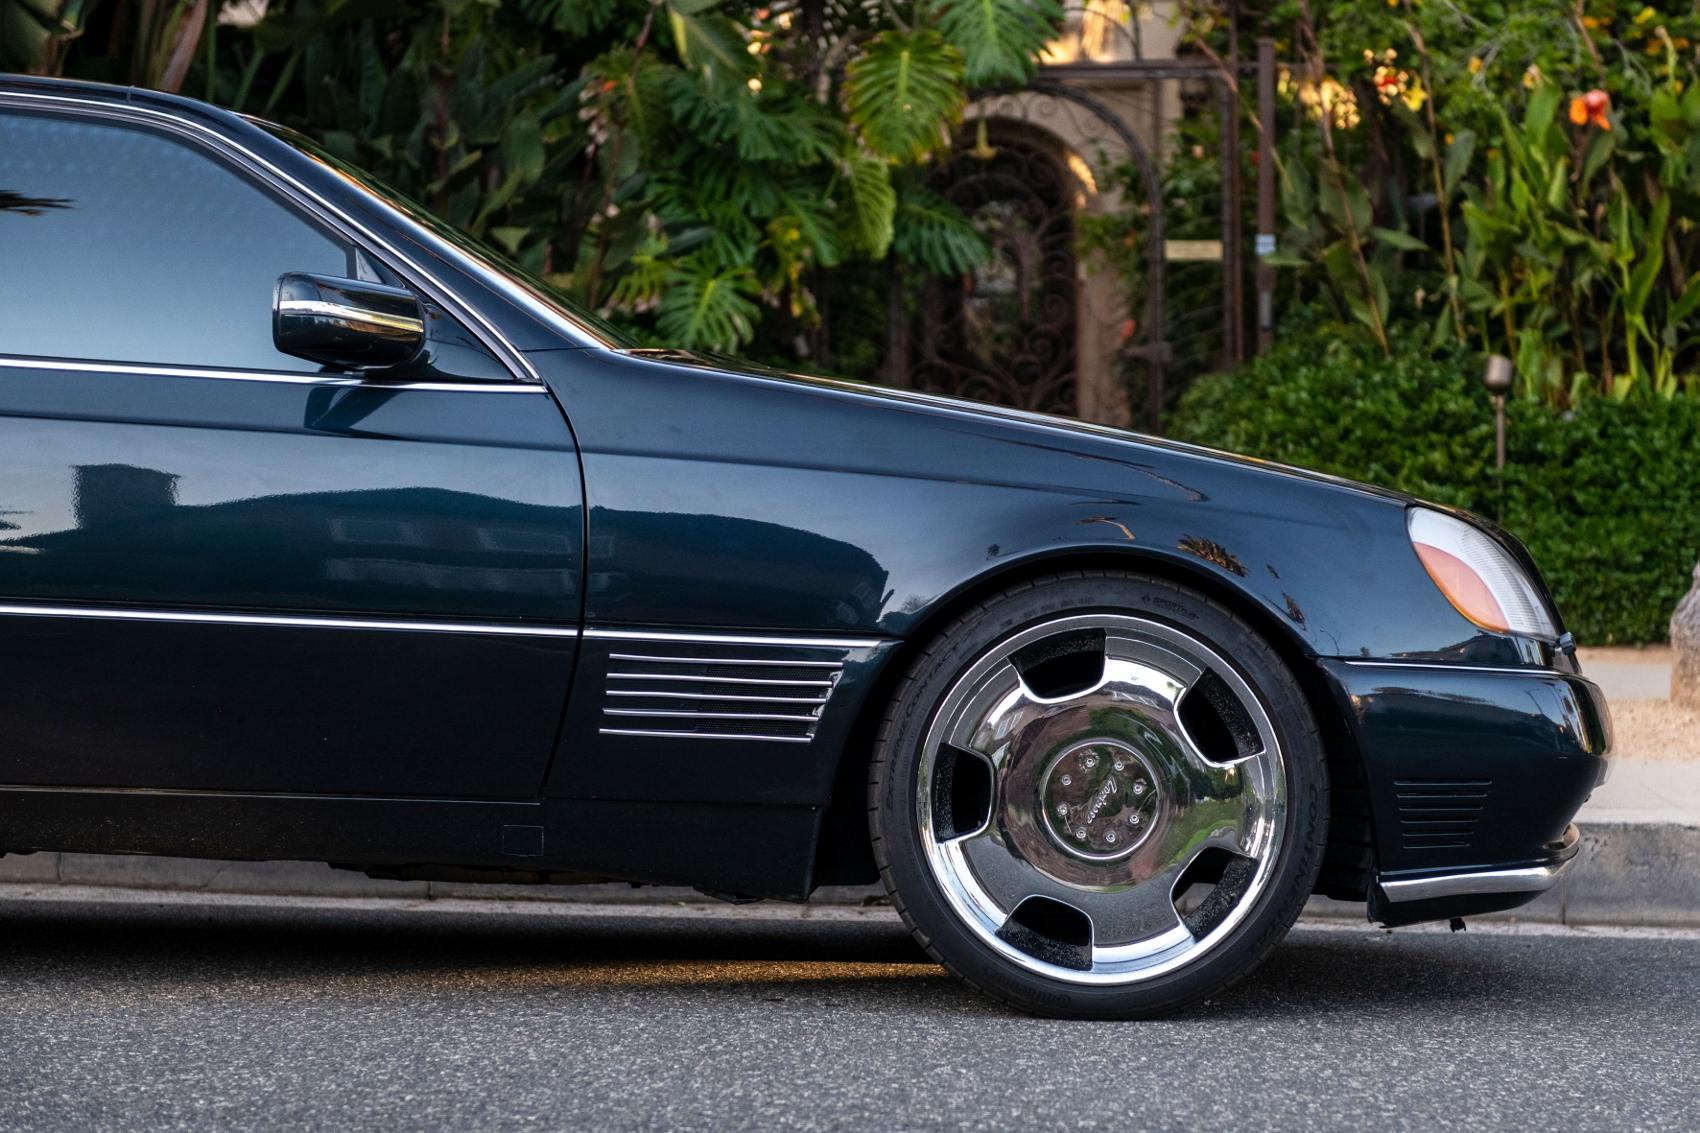 Pozrite si Mercedes S600 Michaela Jordana z roku 1996 1ppUhq8kJi lorinsercl600ex-jordansidedetailfro